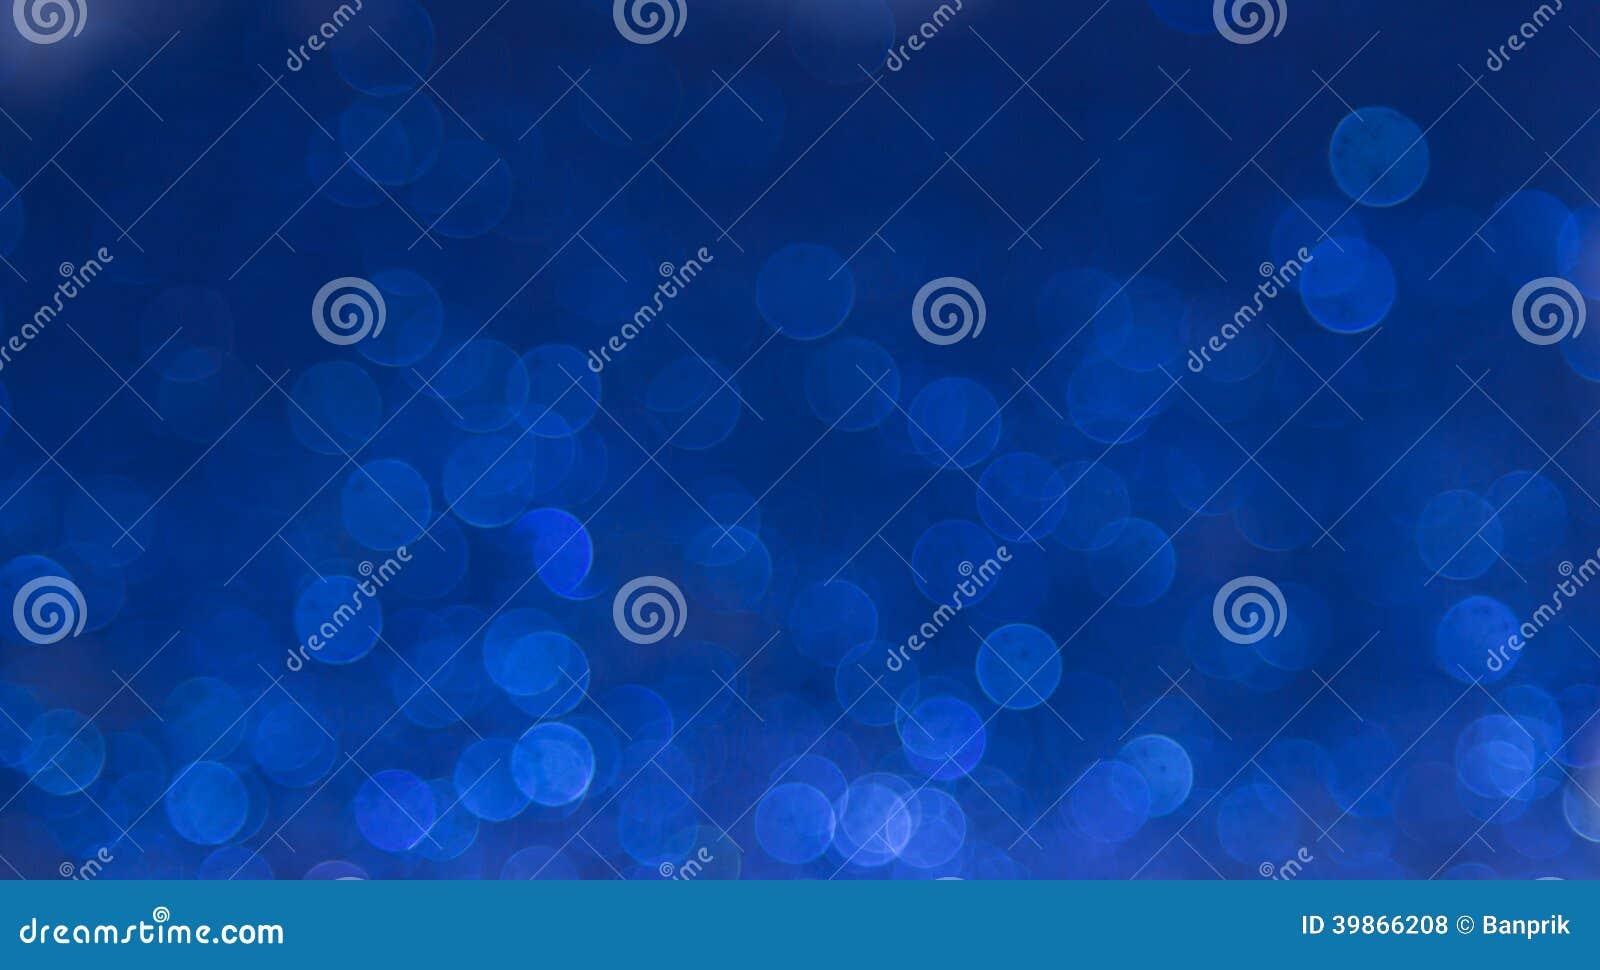 Fondo astratto elegante blu del bokeh